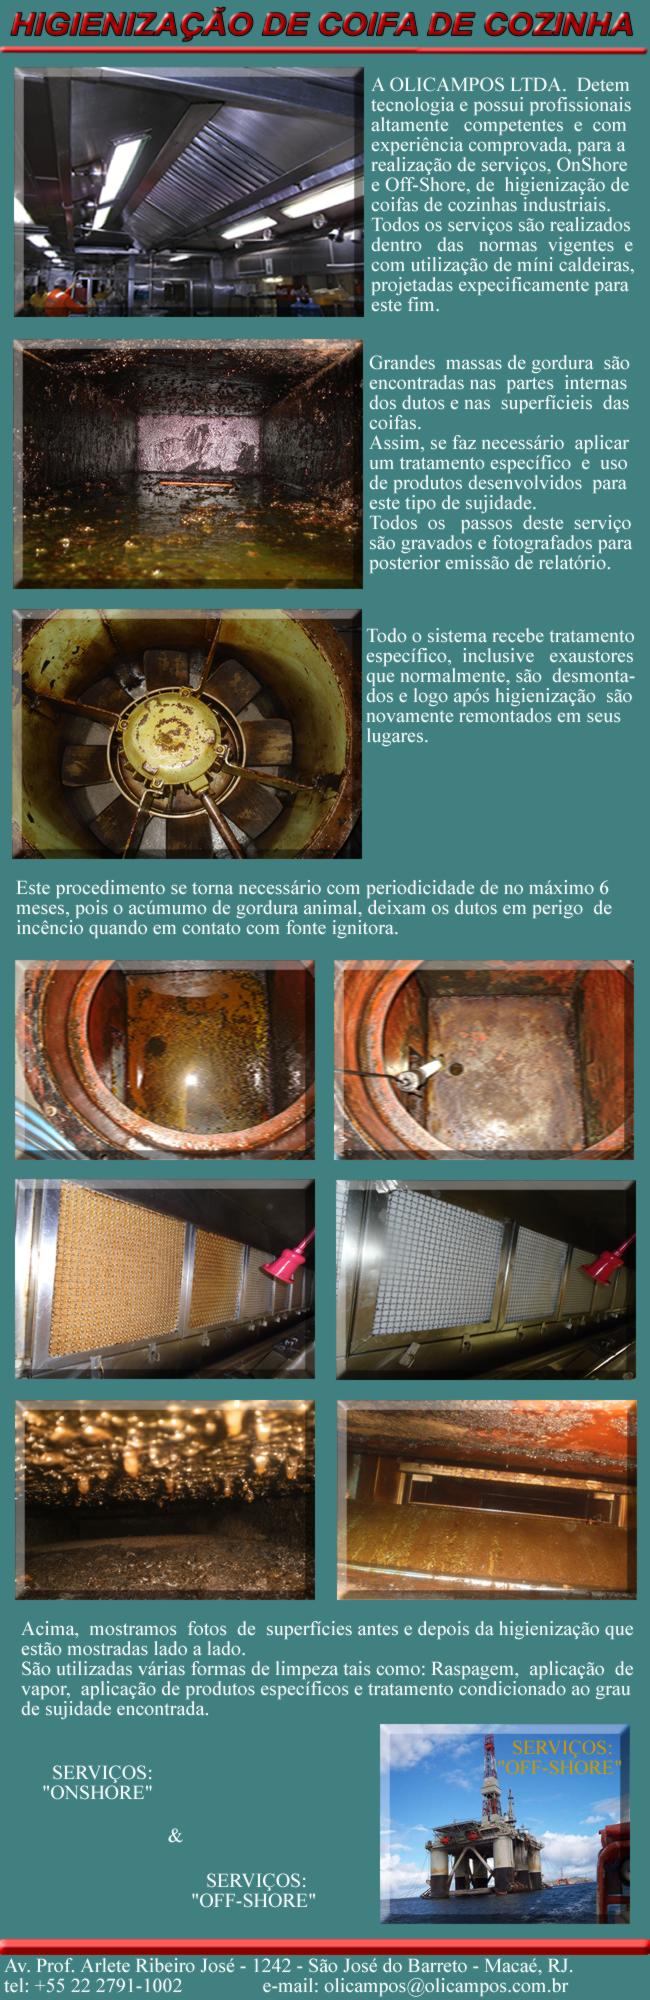 Olicampos Com E Serv De Equipamentos Industriais Higieniza O